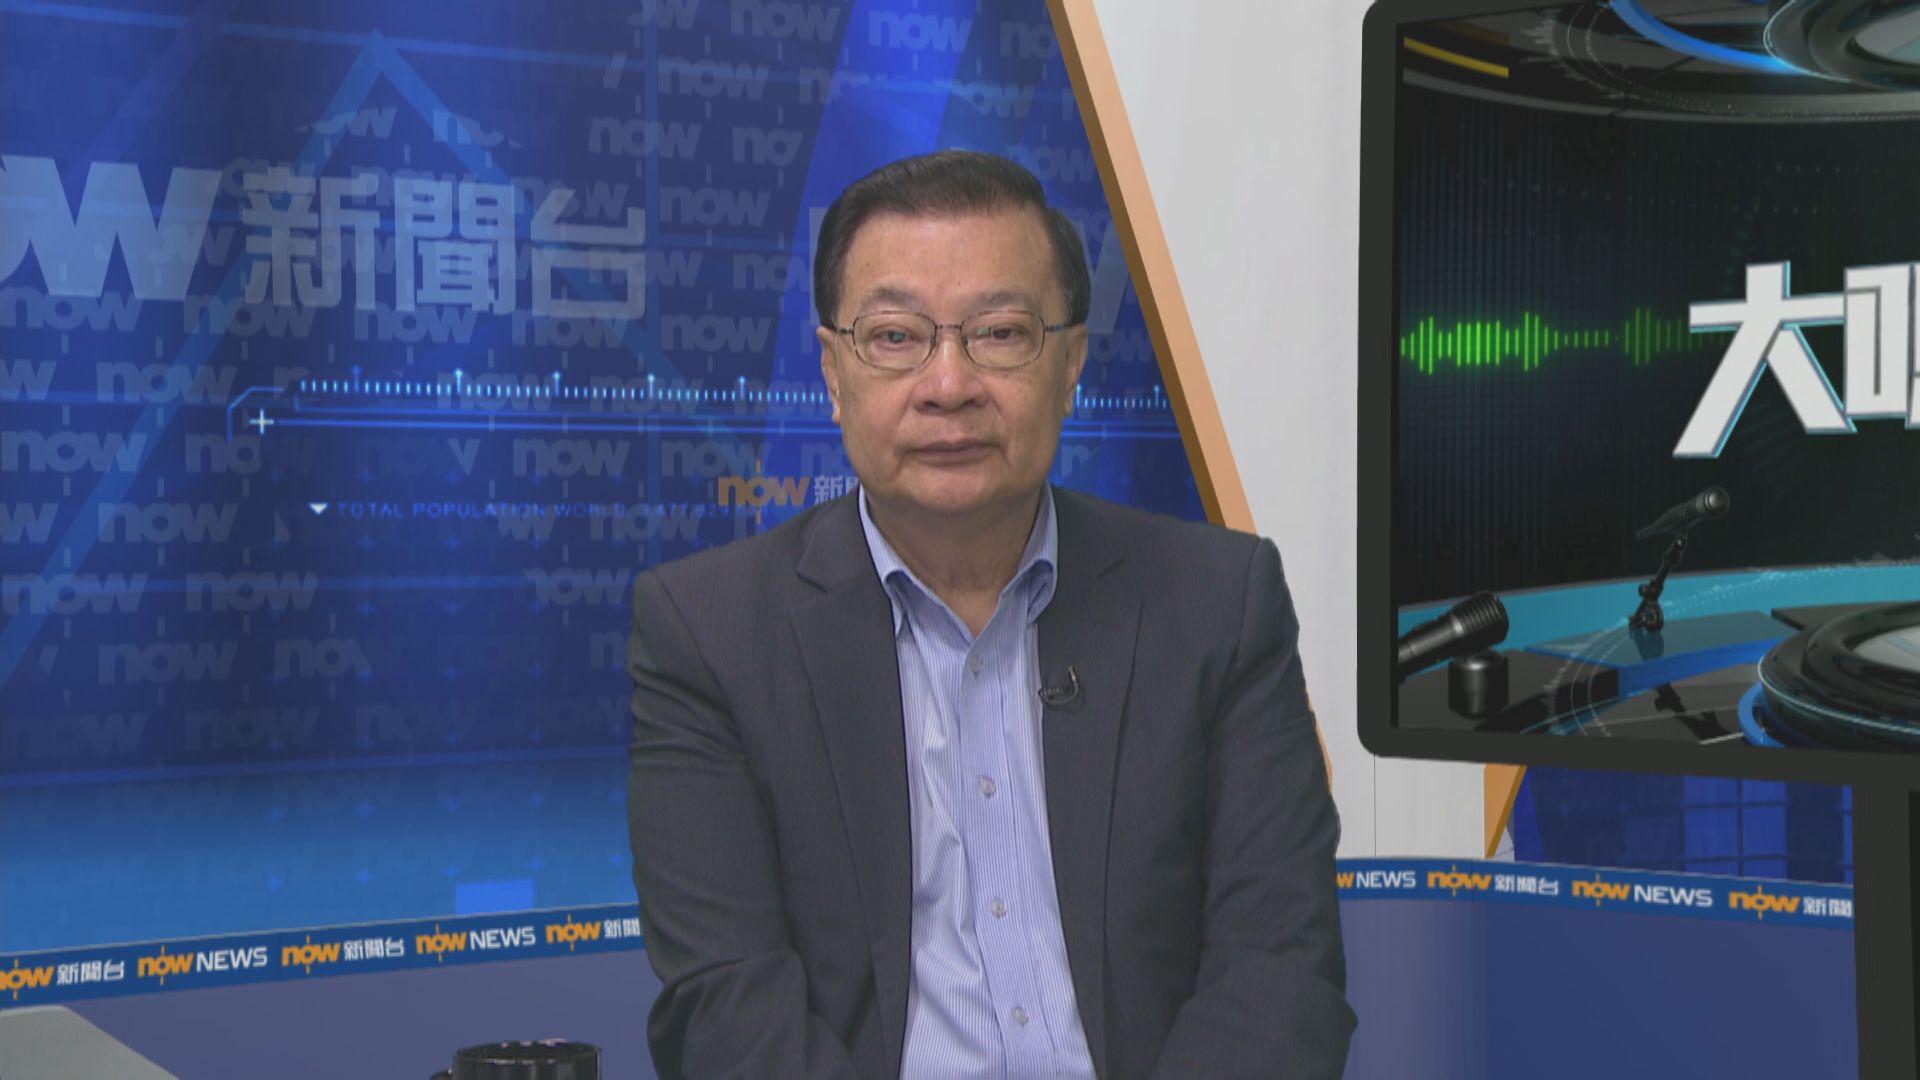 人大常委會下周開會三天 譚耀宗:未知有否涉港議題